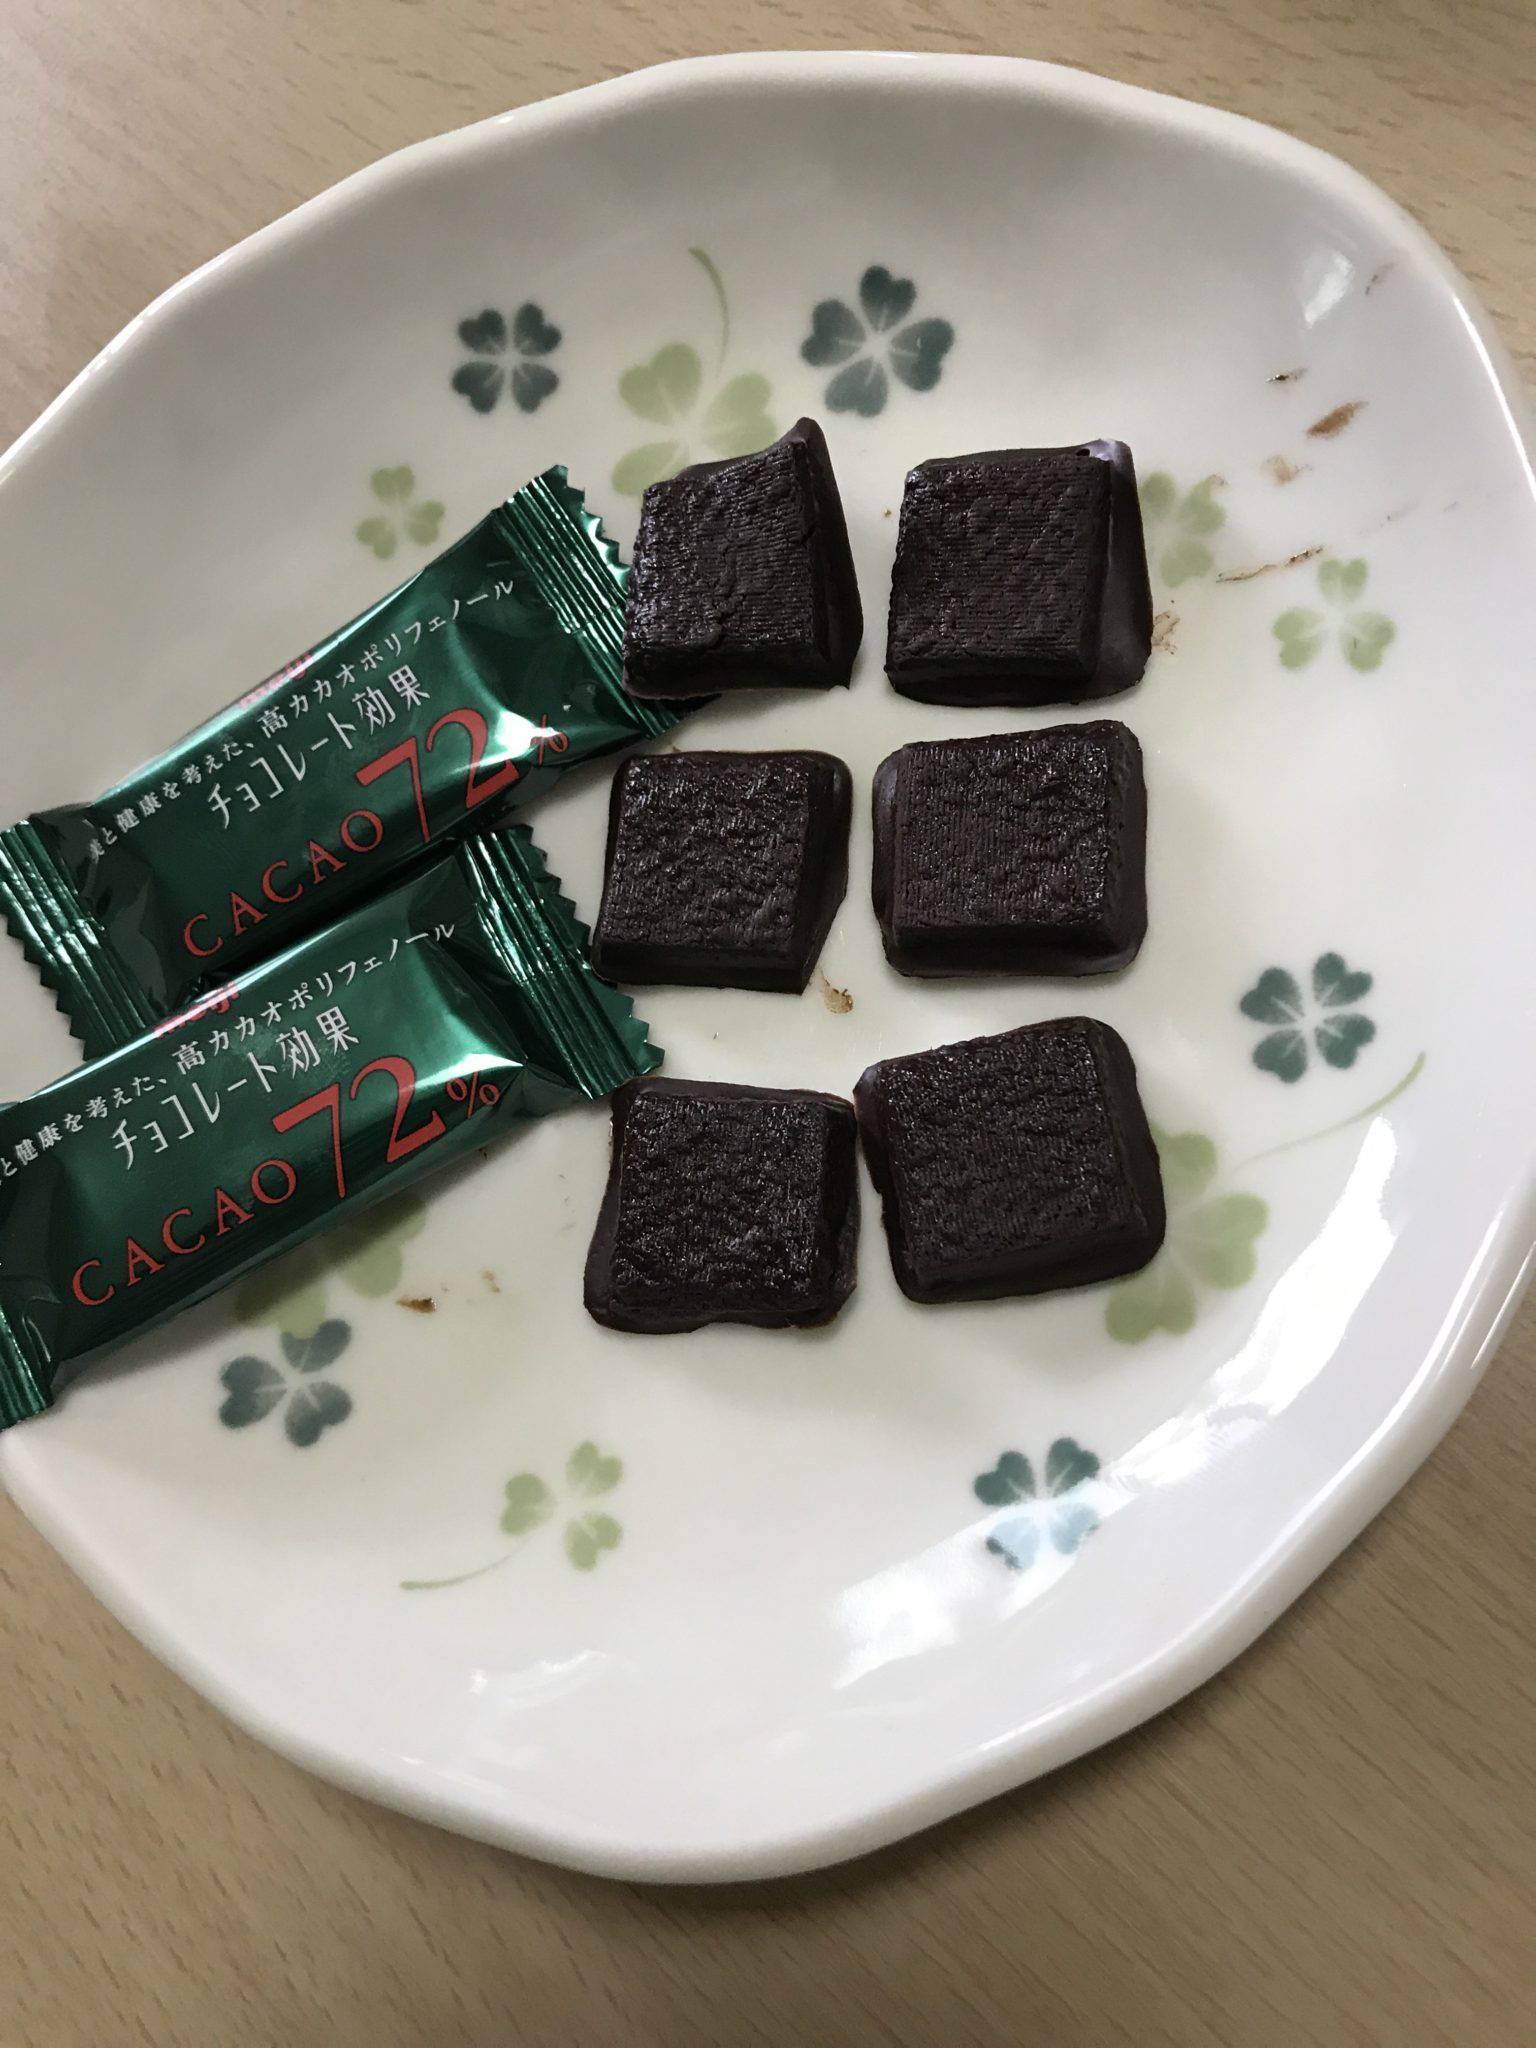 チョコレートをオーブンで焼いて冷凍庫で冷やして食べたらサクサクで美味しかった話。